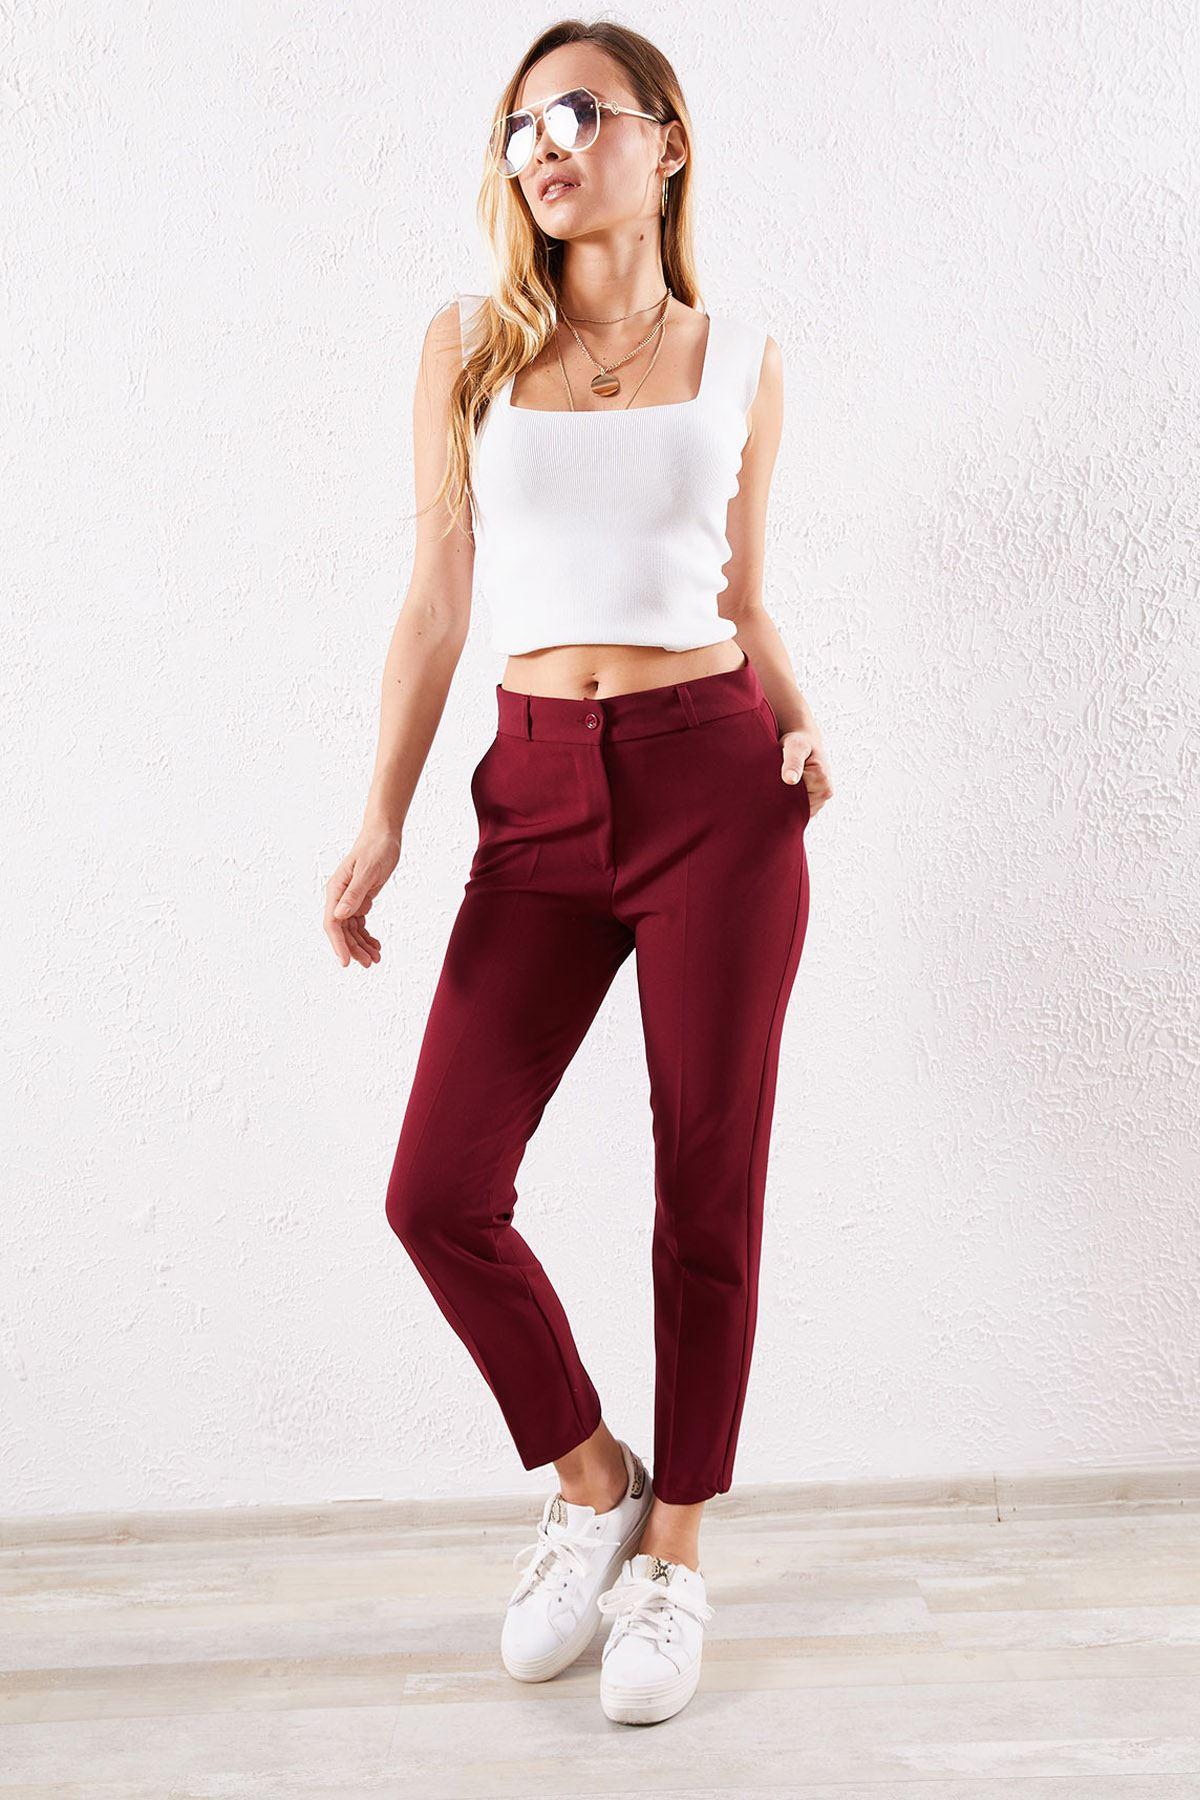 Kadın Kalem Bordo Pantolon